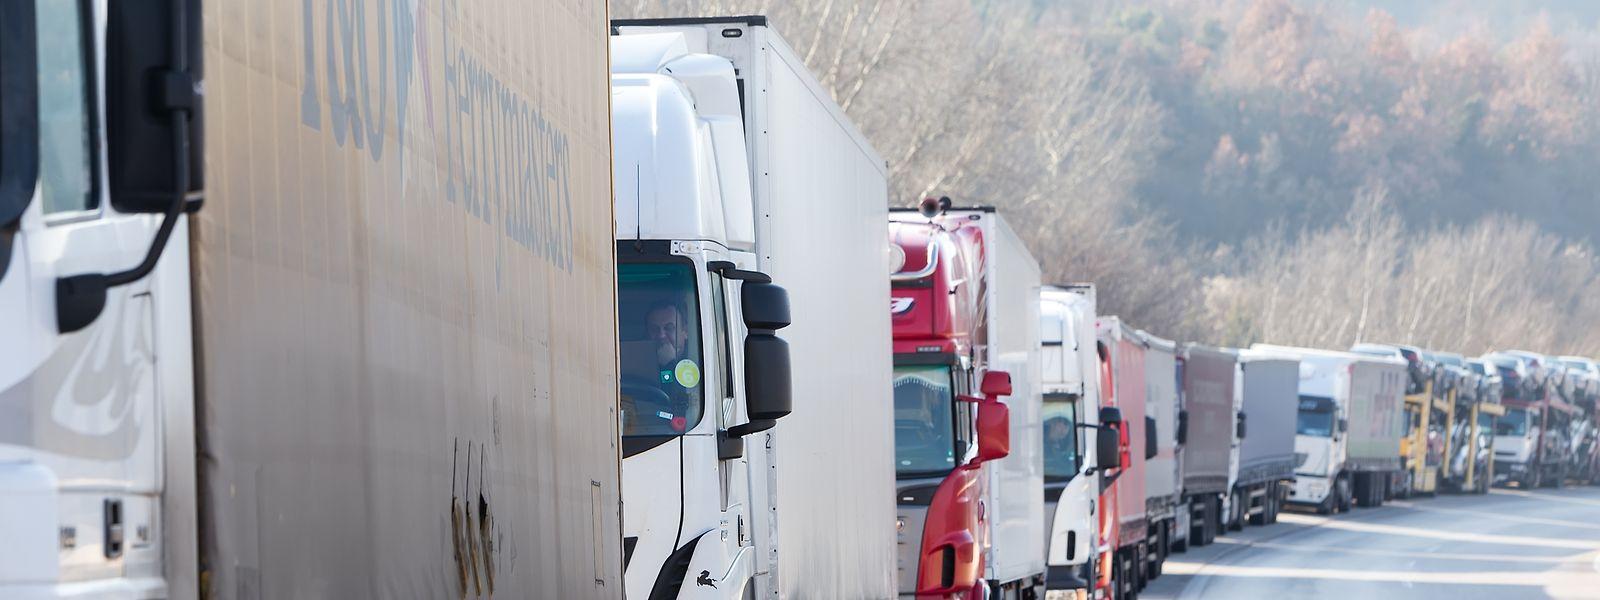 Les chauffeurs et transporteurs «sacrifiés»: la nouvelle convention fiscale se révèle être un désastre pour un secteur d'activité tout entier.